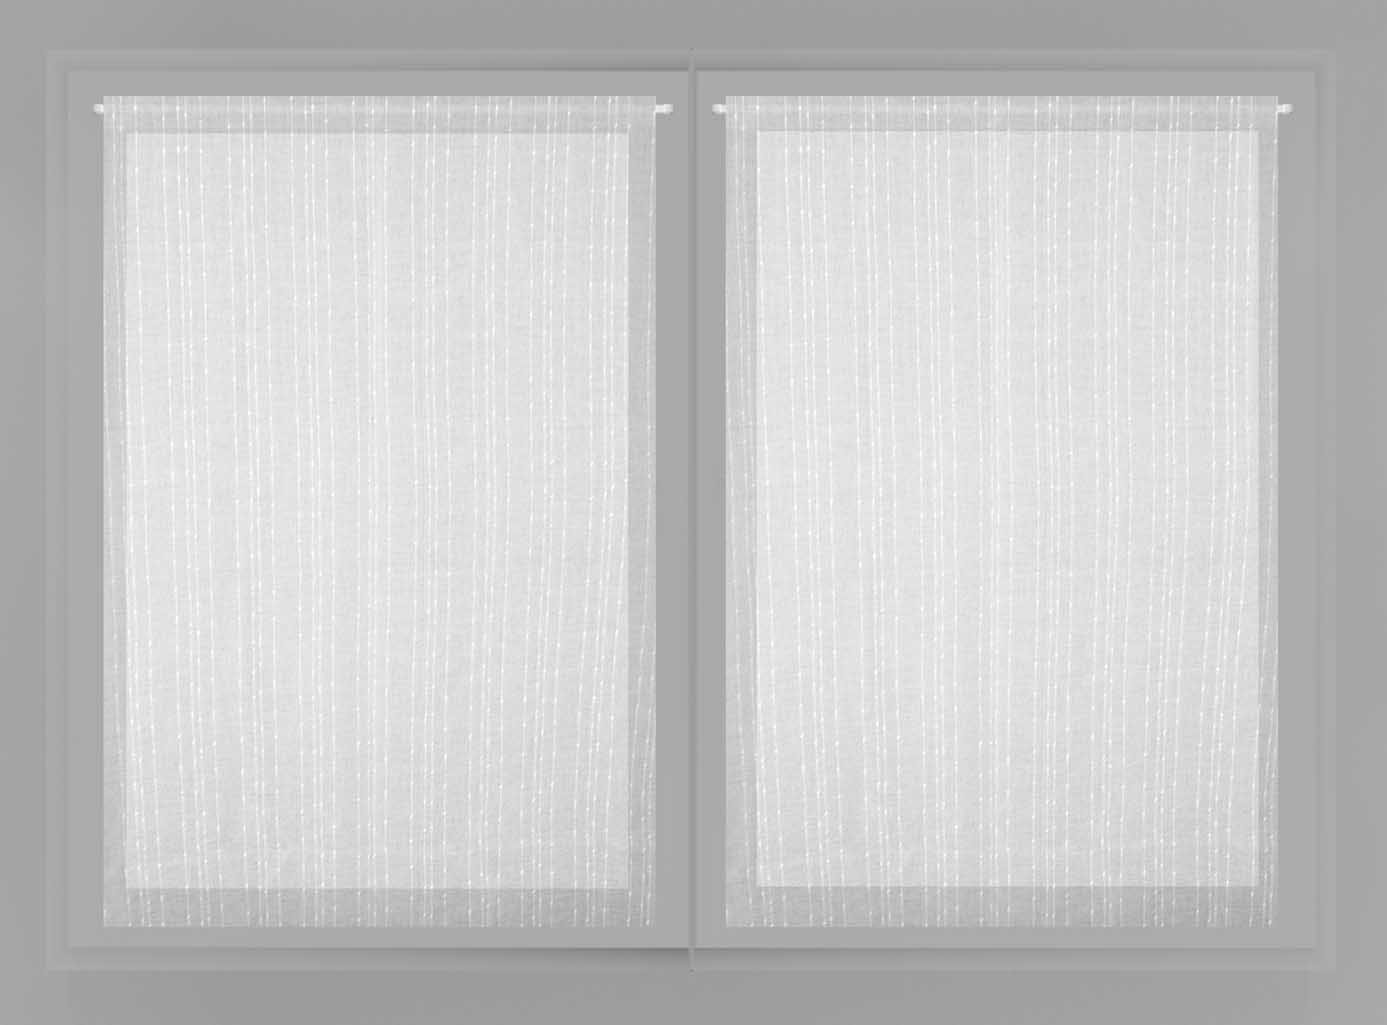 Soleil d'Ocre Maelis Paire de Brise Bise, Polyester, Blanc, 60x90 cm Selartex 043032